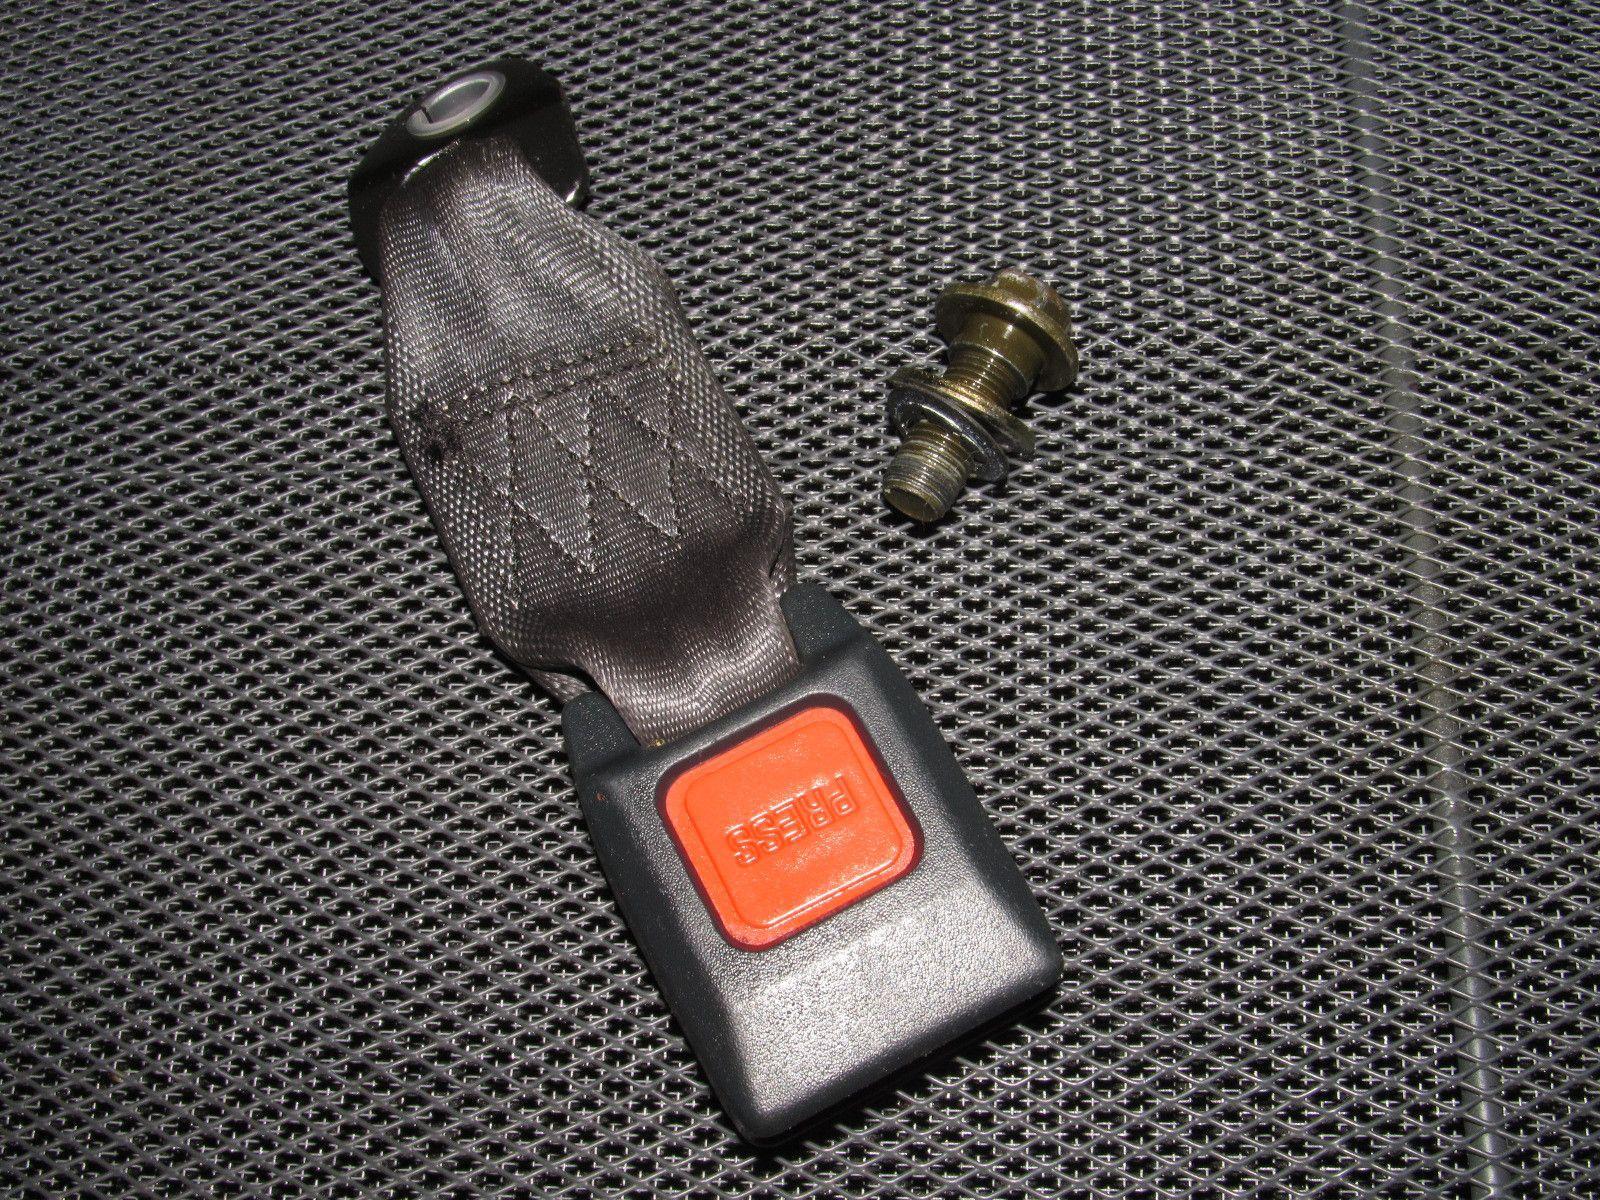 92 93 94 95 96 honda prelude oem seat belt buckle rear [ 1600 x 1200 Pixel ]